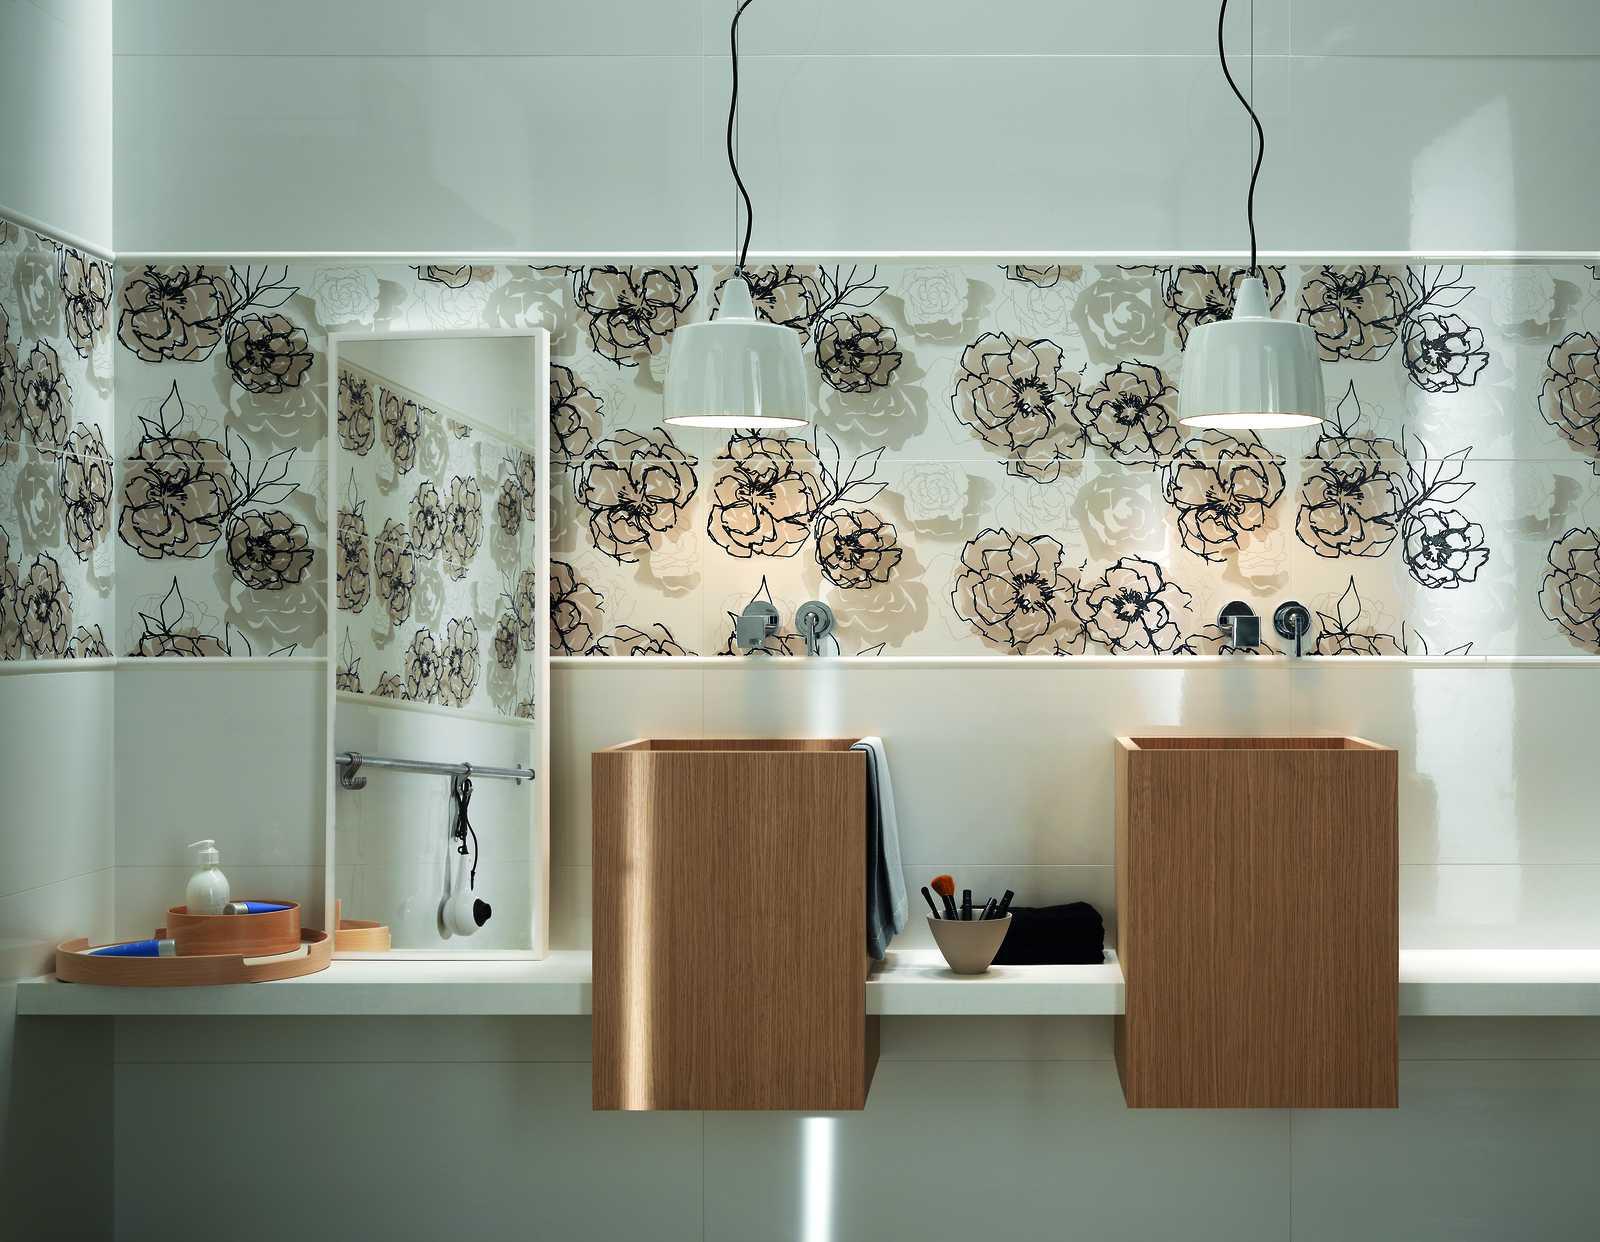 Colorup piastrelle rivestimento pareti marazzi for Marazzi piastrelle